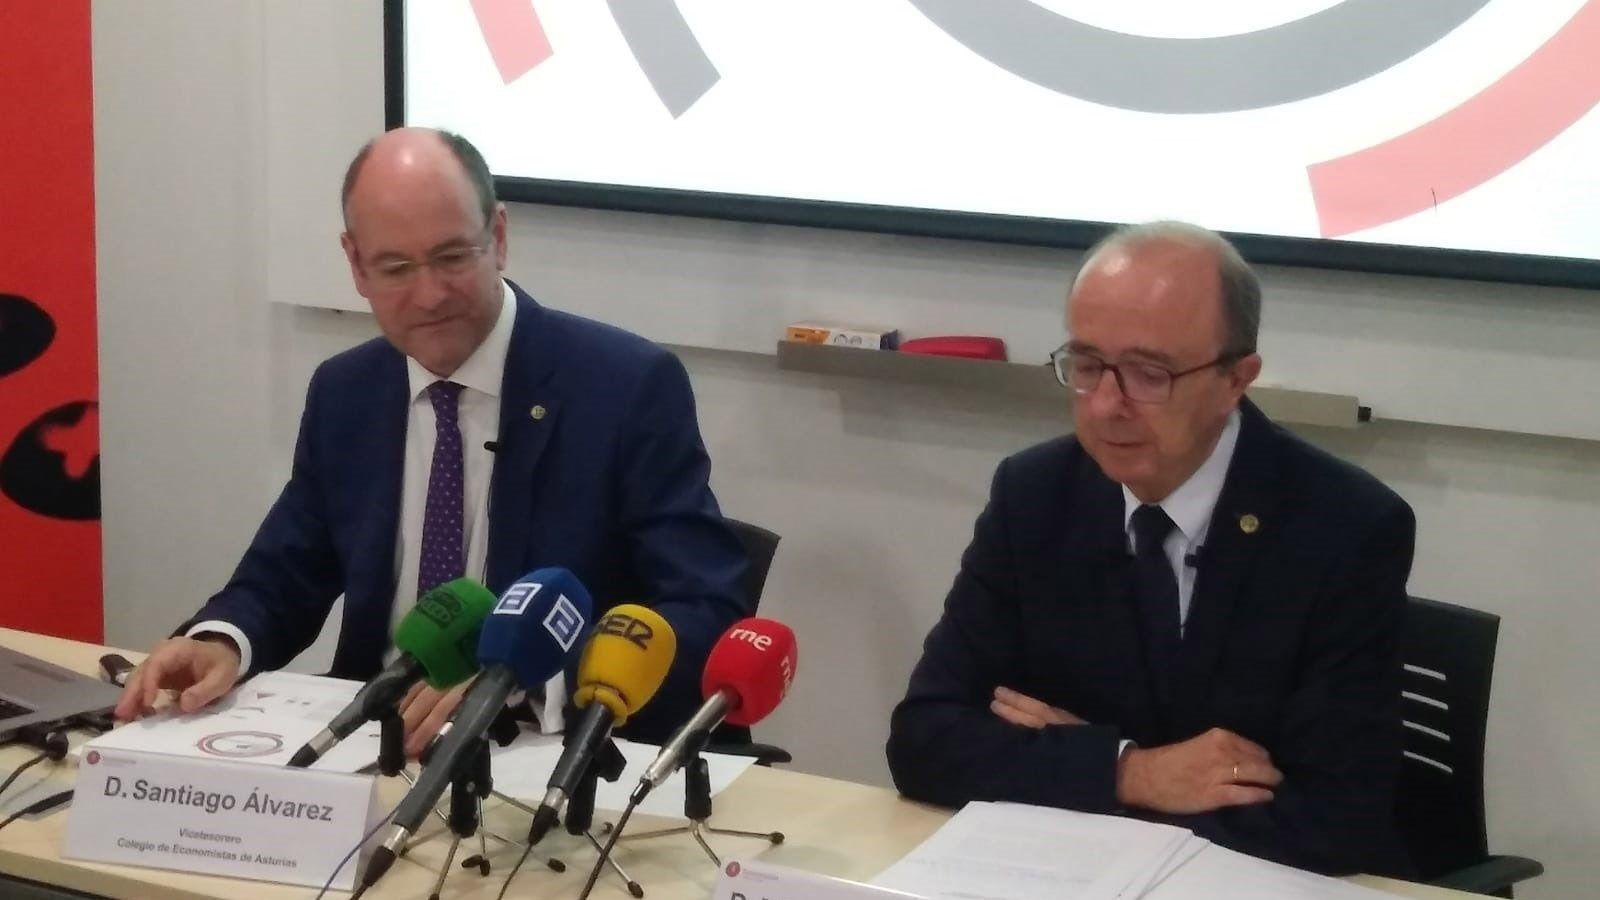 De China a Cangas pa falar asturianu.Santiago Álvarez y Miguel de la Fuente